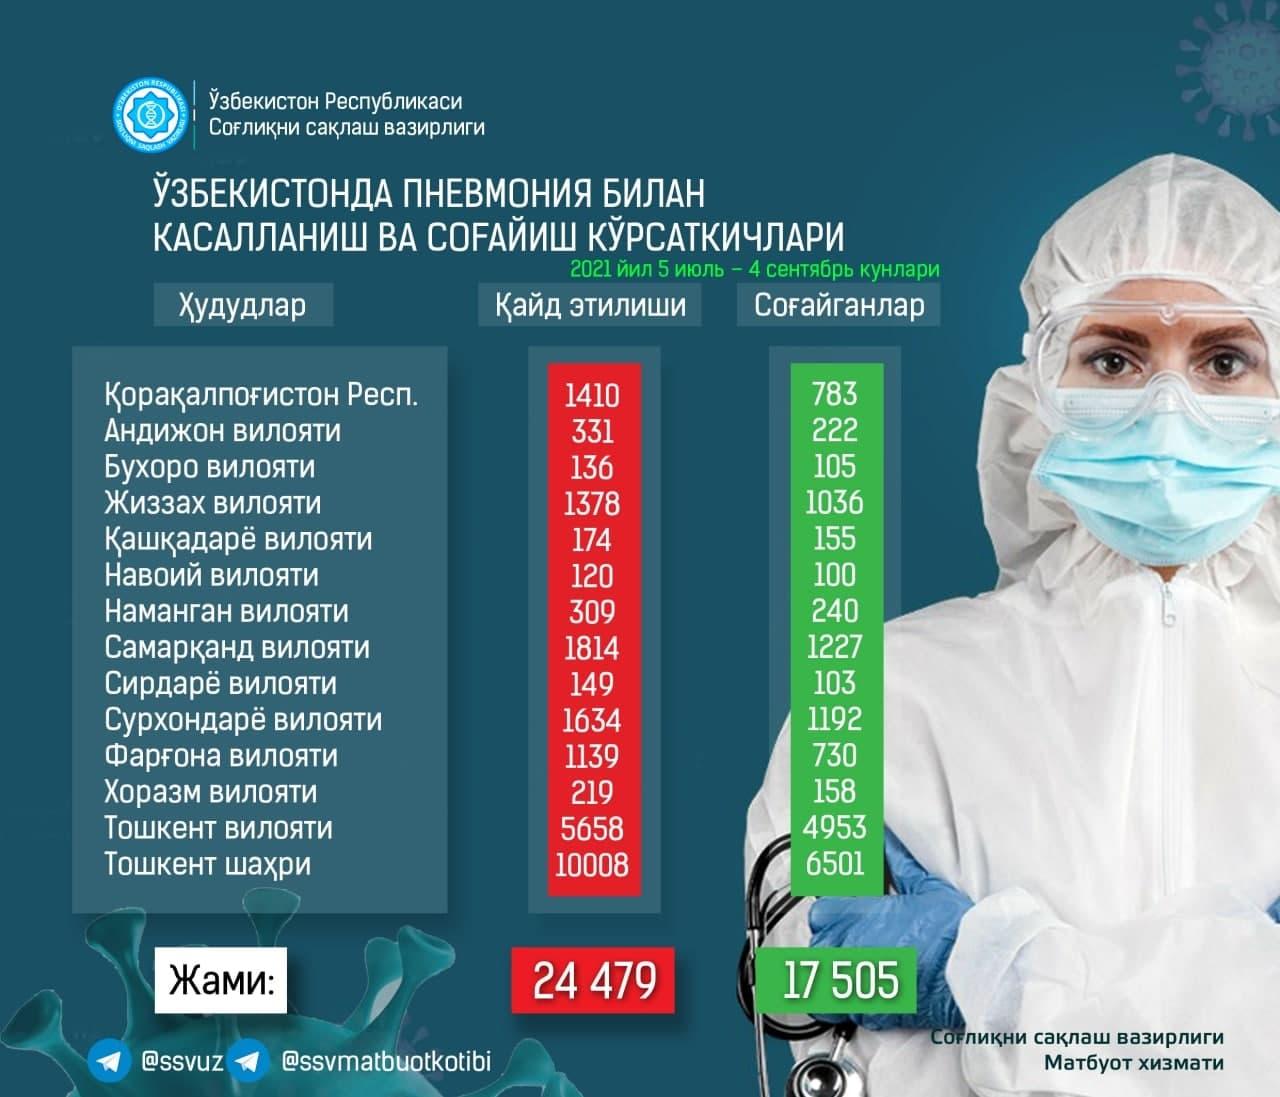 Минздрав обновил статистику зараженных пневмонией в Узбекистане